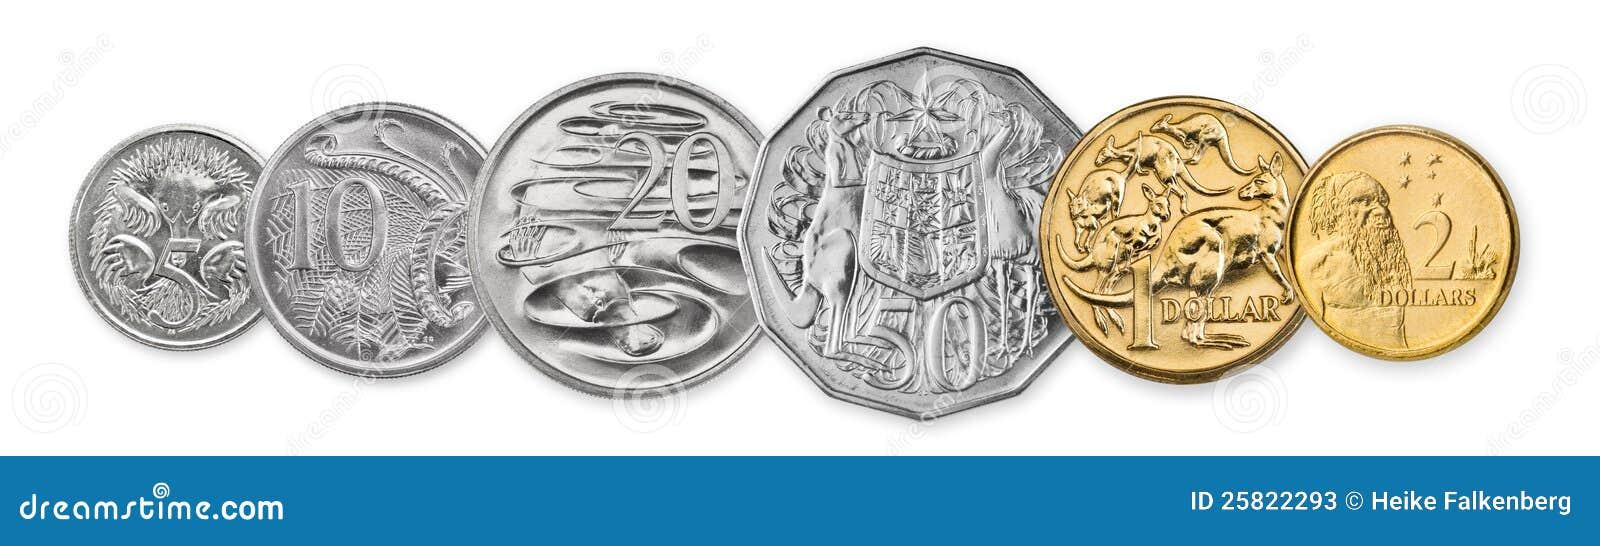 Australische Münzen Stockbild Bild Von Fülle Wert Handel 25822293